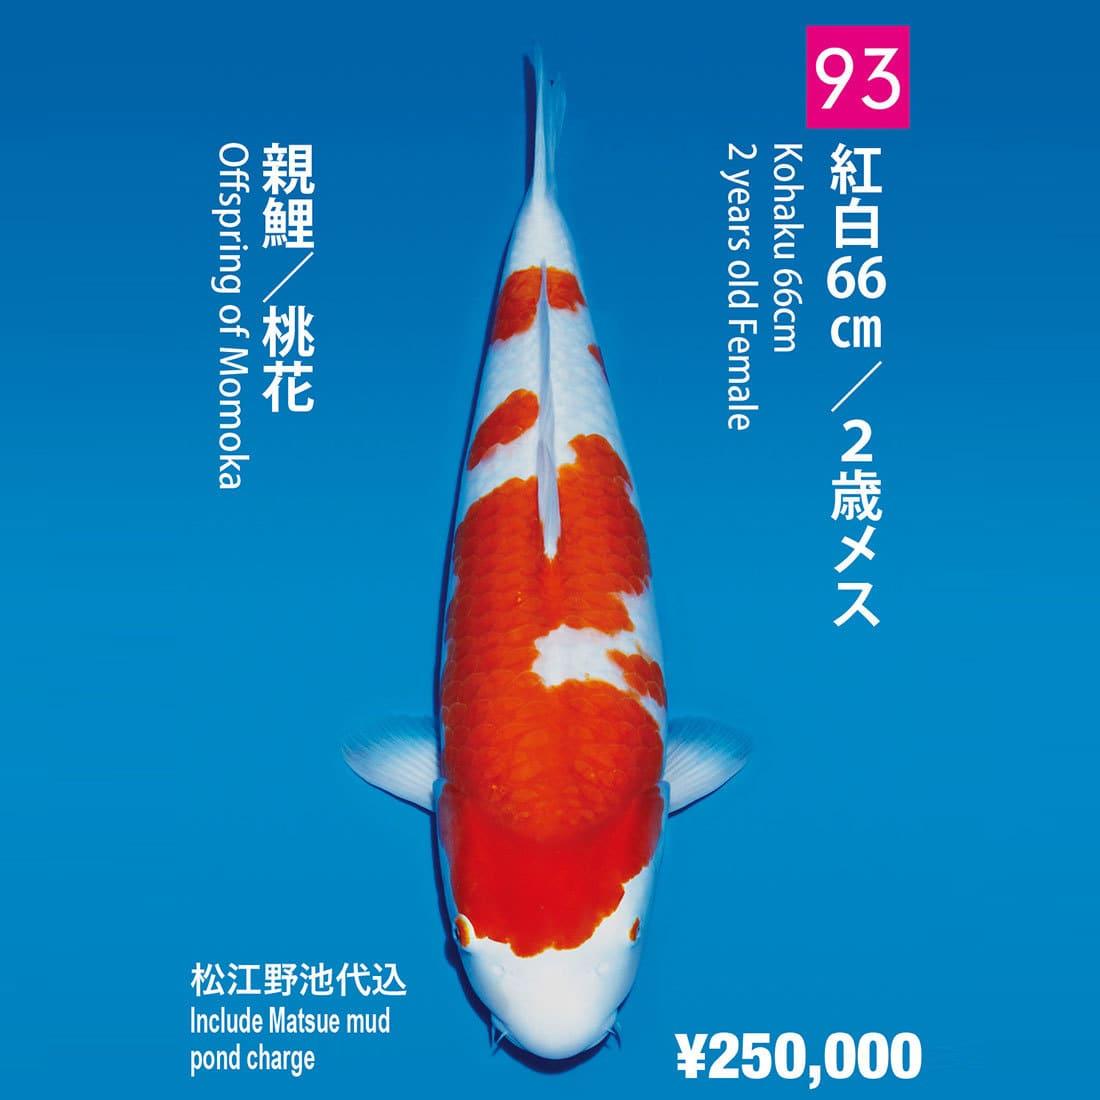 立鯉會2018/松江產紅白 2歲母魚限量銷售108條(ページ8)